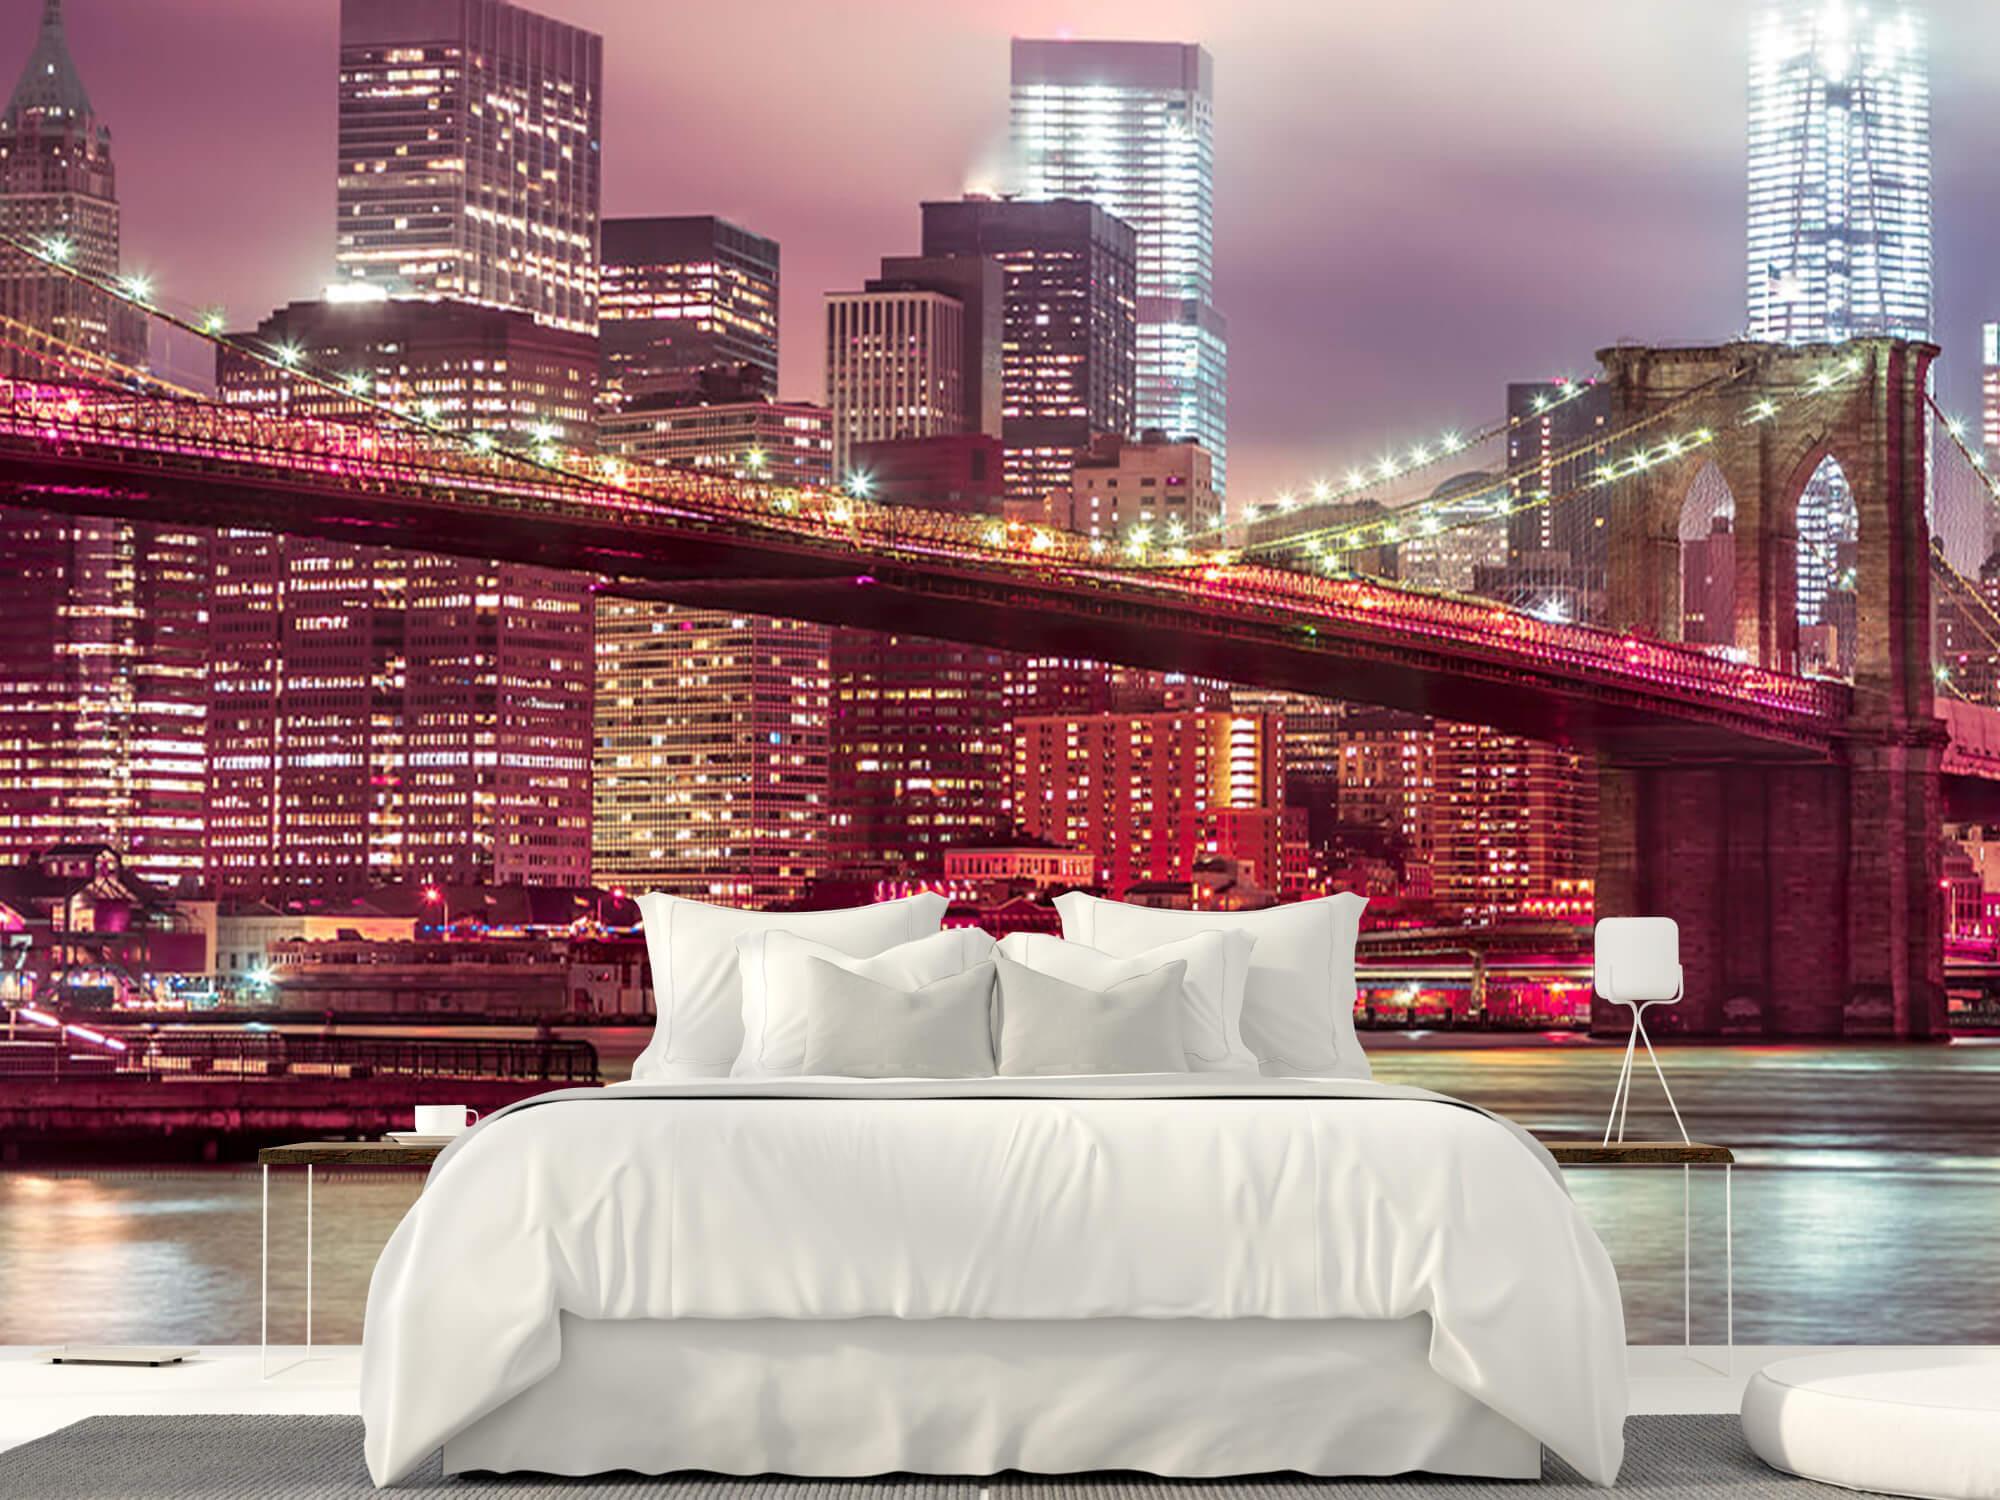 Soirée à Manhattan 19